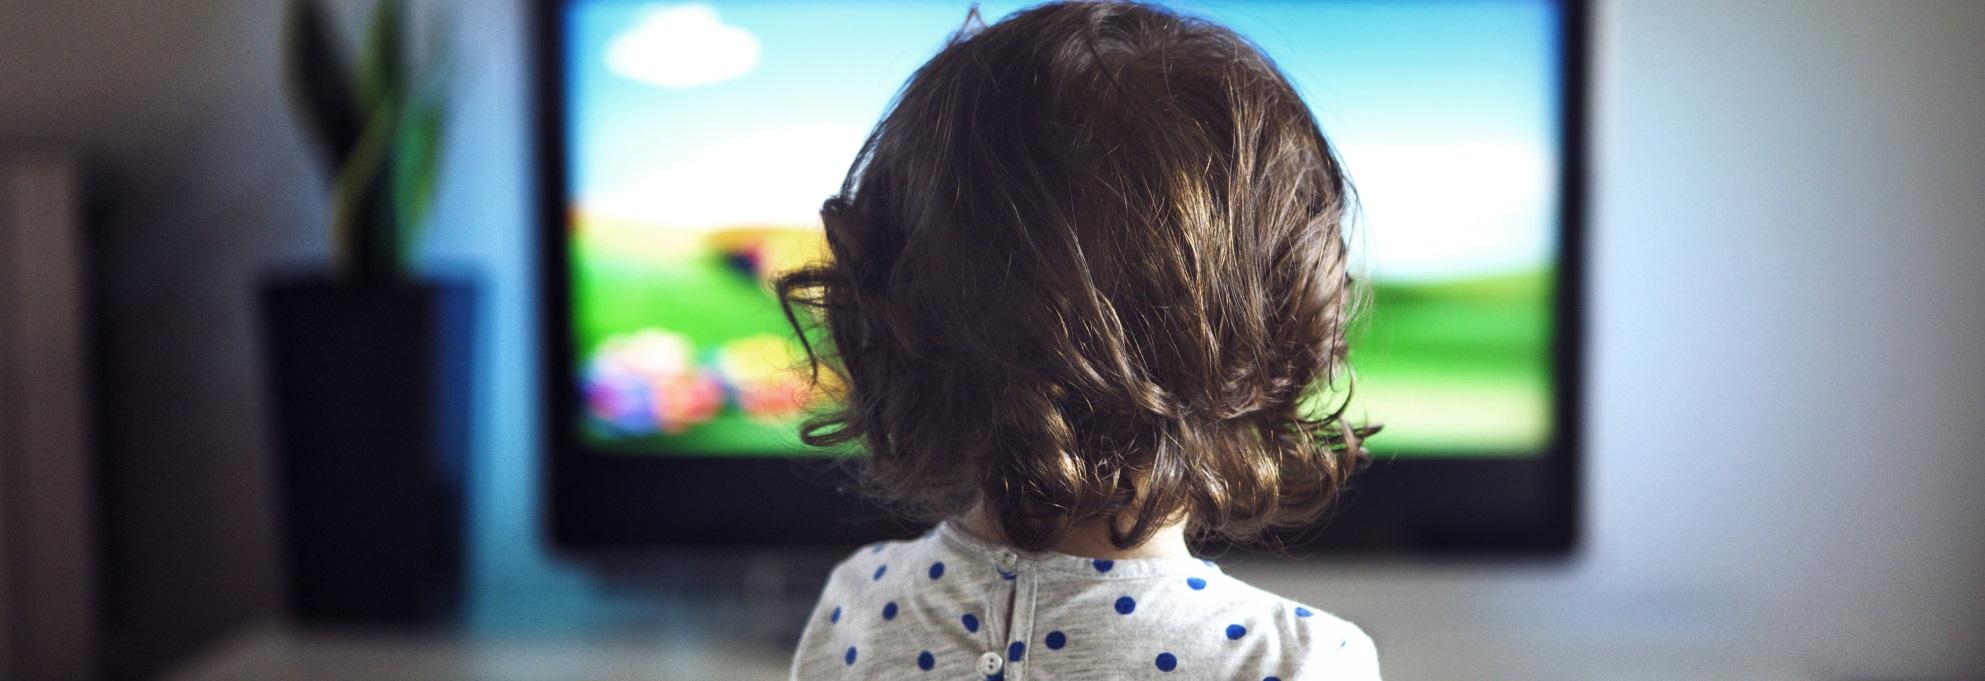 Kinderen en beeldschermtijd